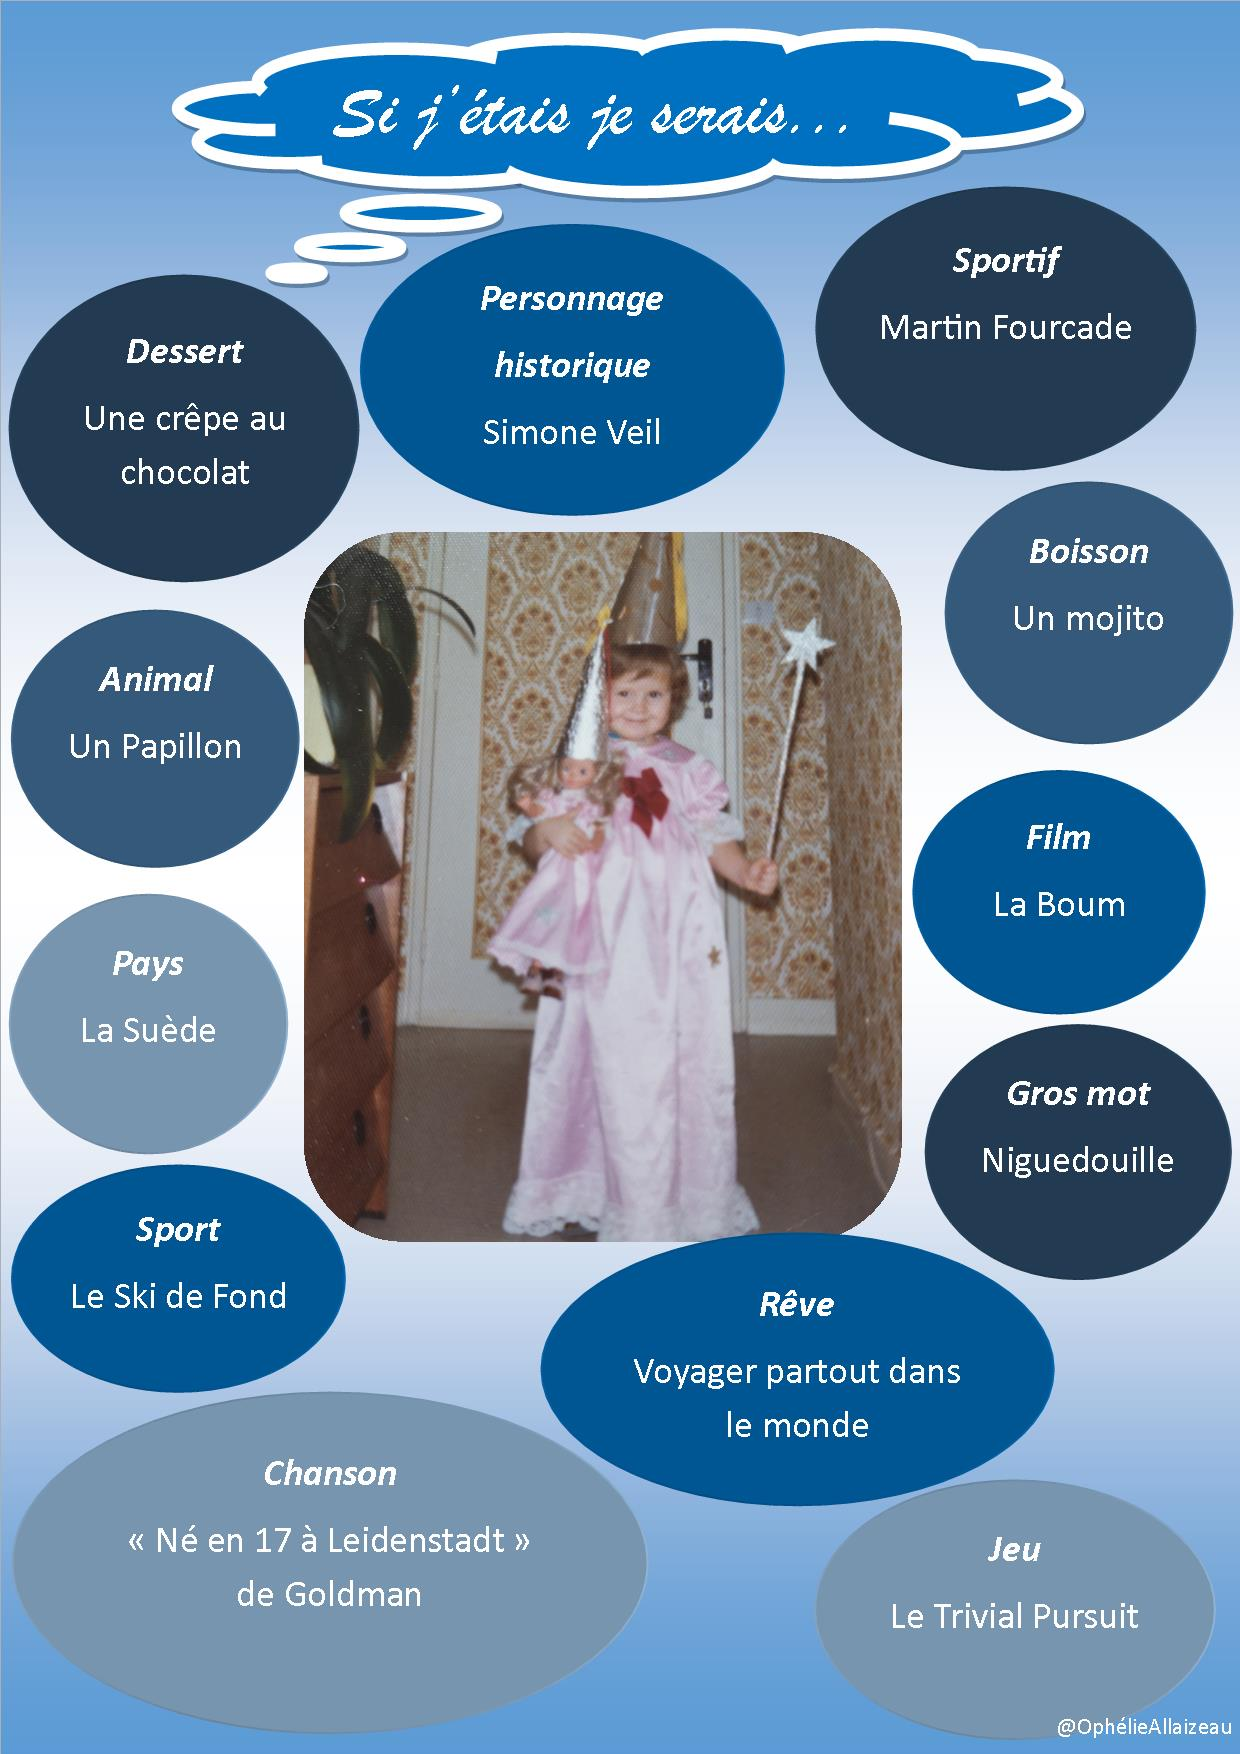 Béatrice Kerleroux